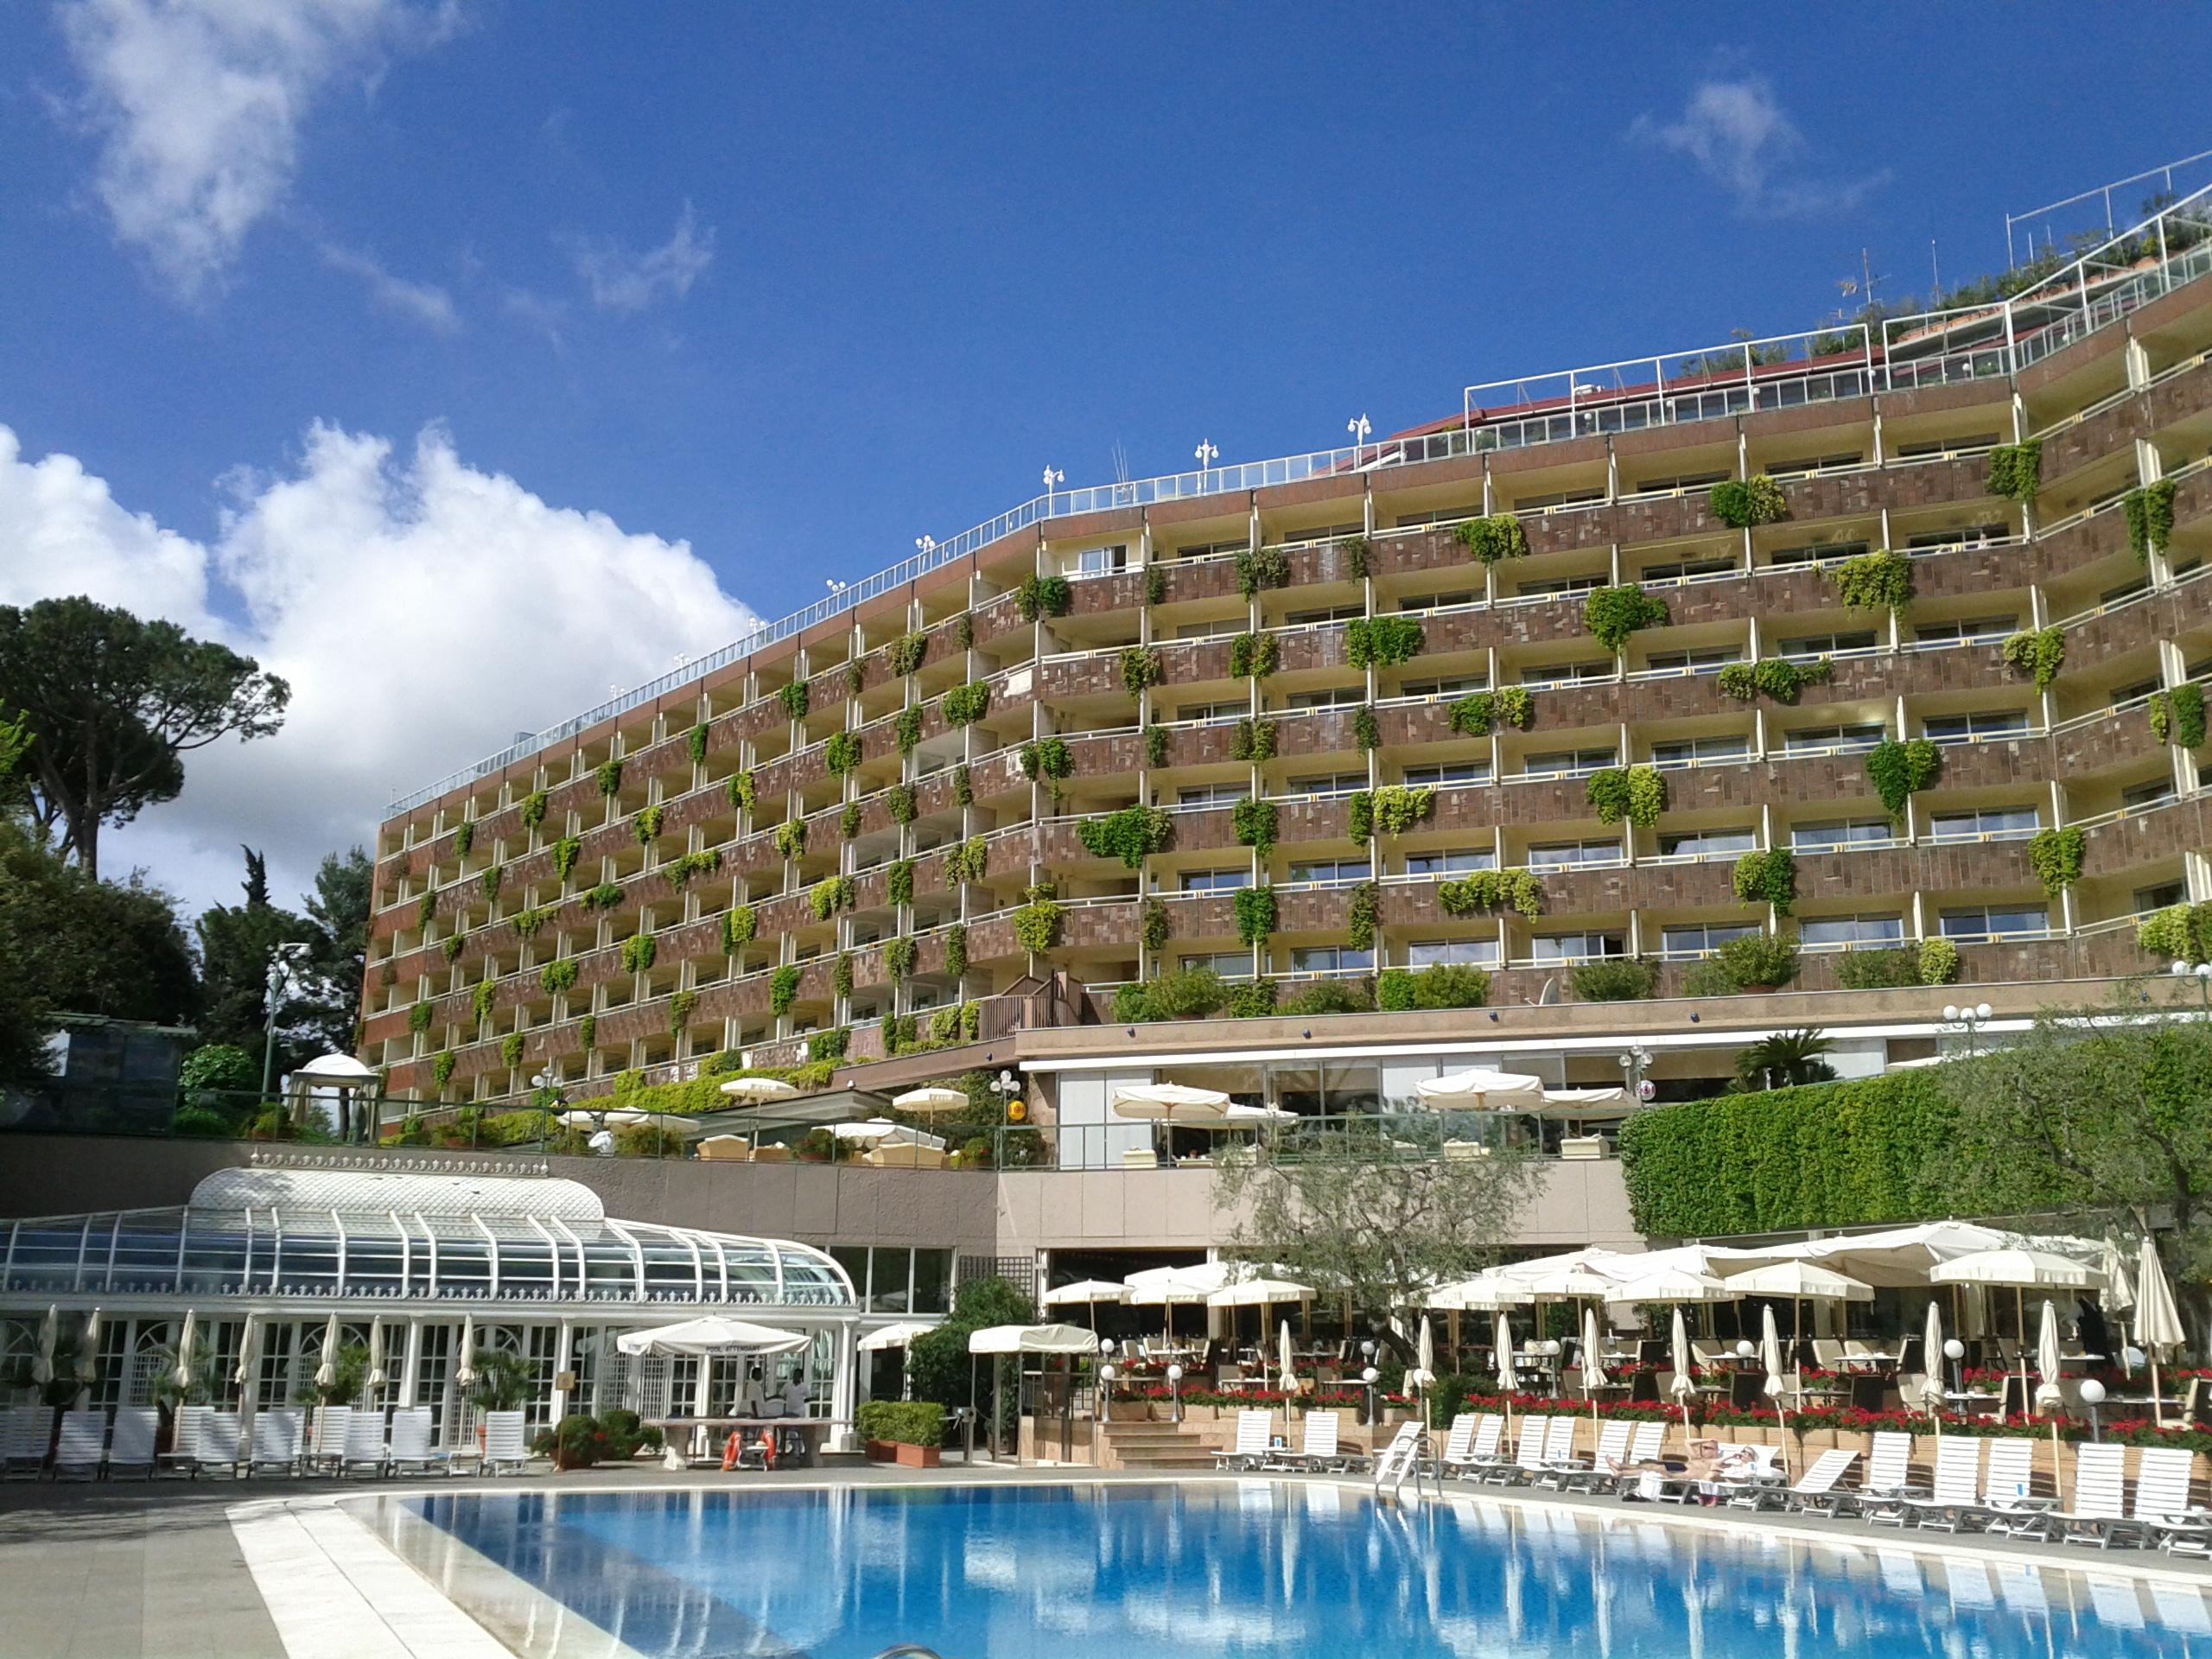 Hilton Roma Hotel